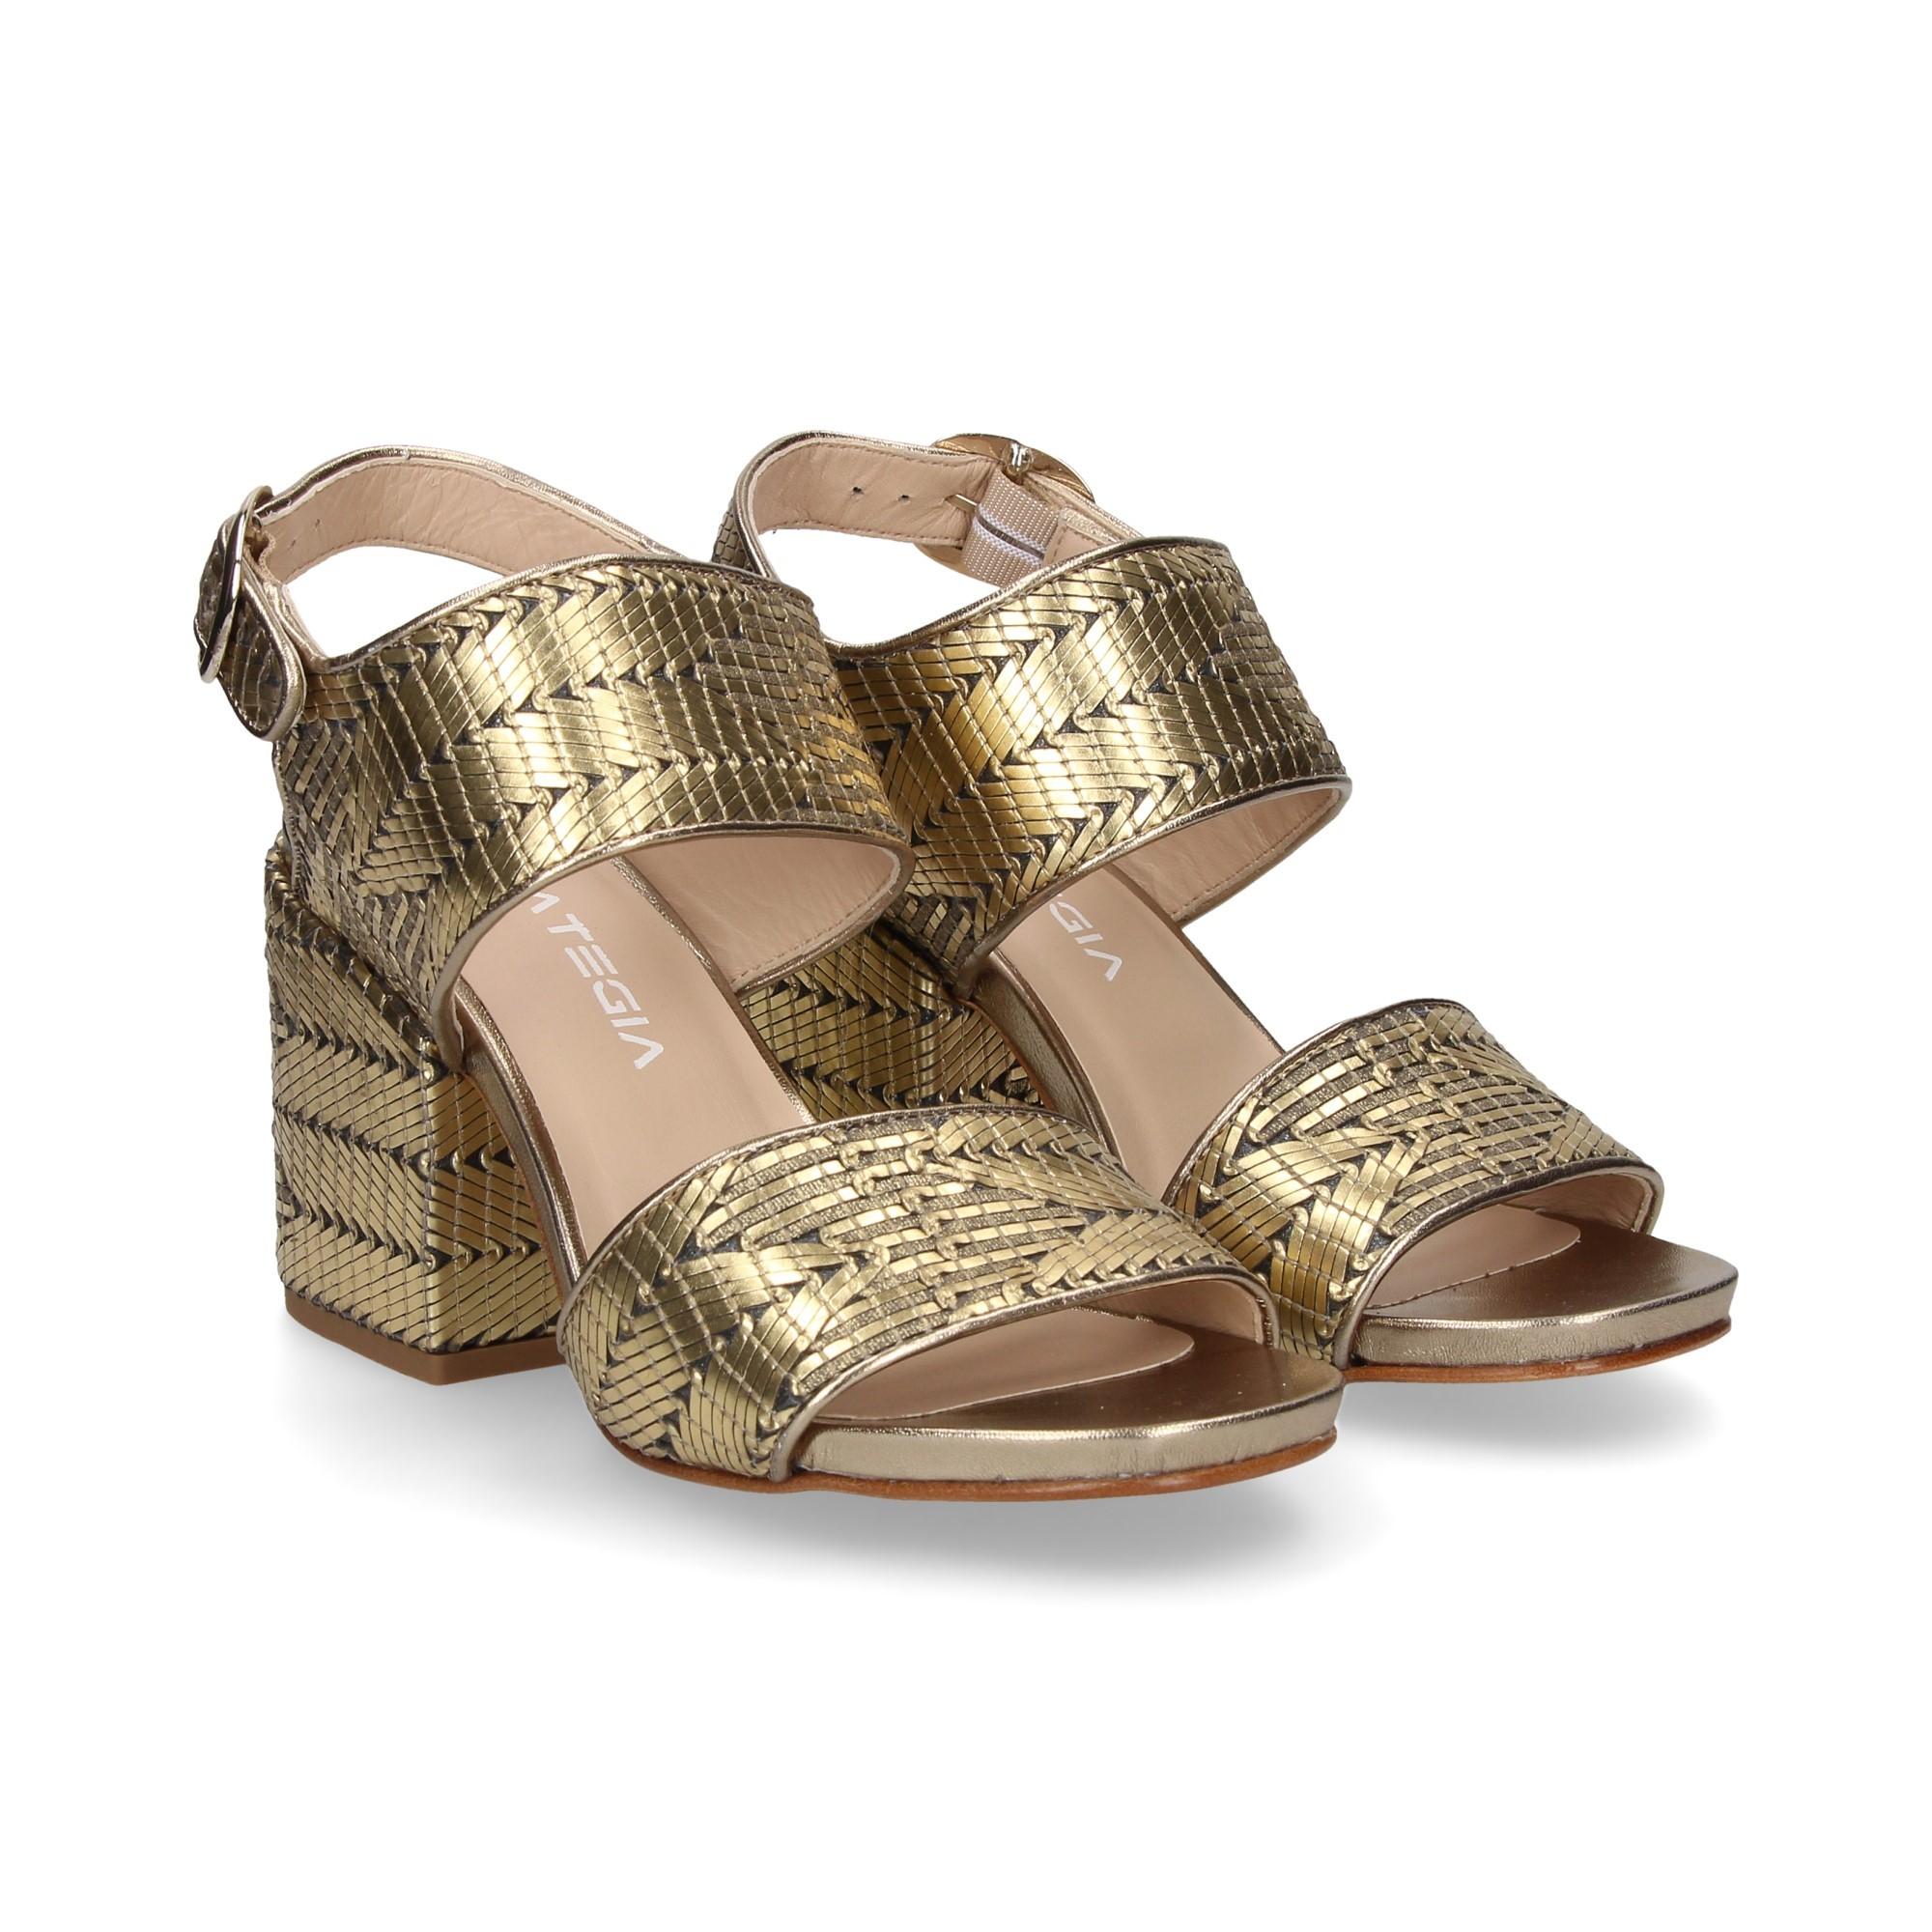 23f90de3830 STRATEGIA Women s heeled sandals A3594 ANTENA ORO